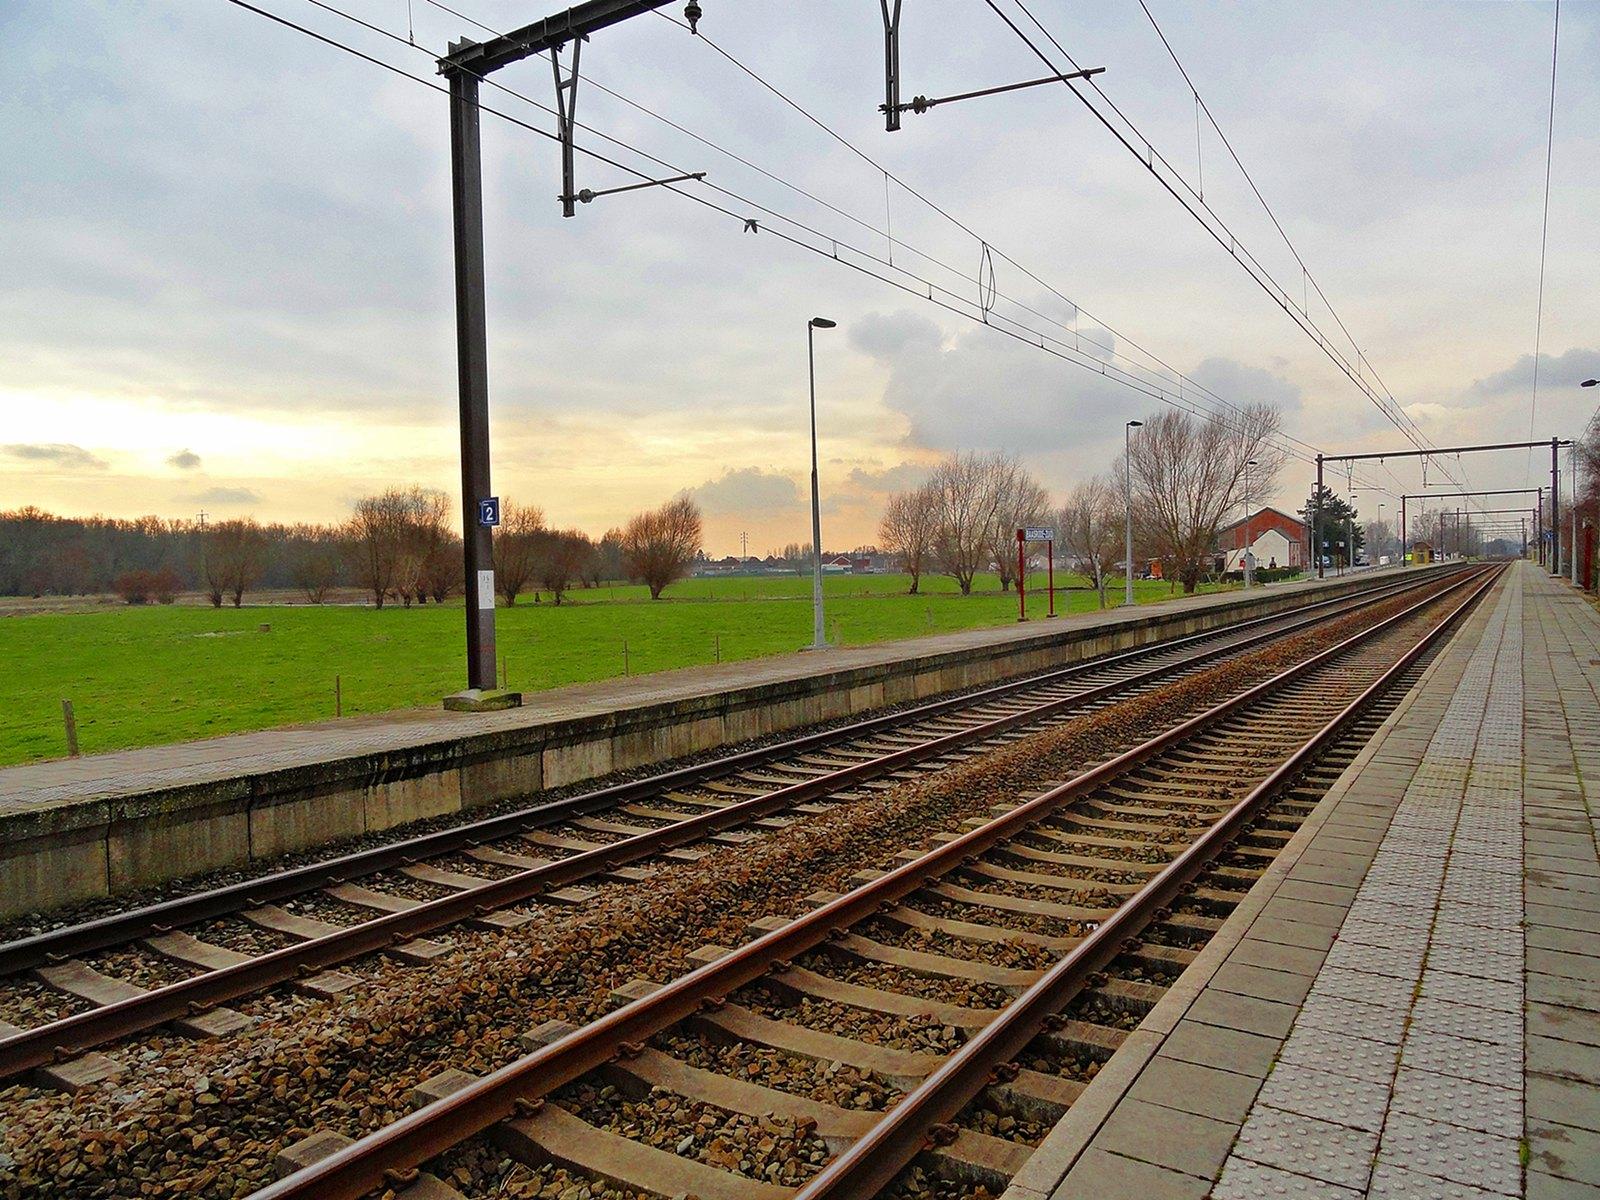 Baasrode-Zuid Station, Baasrode, Belgium